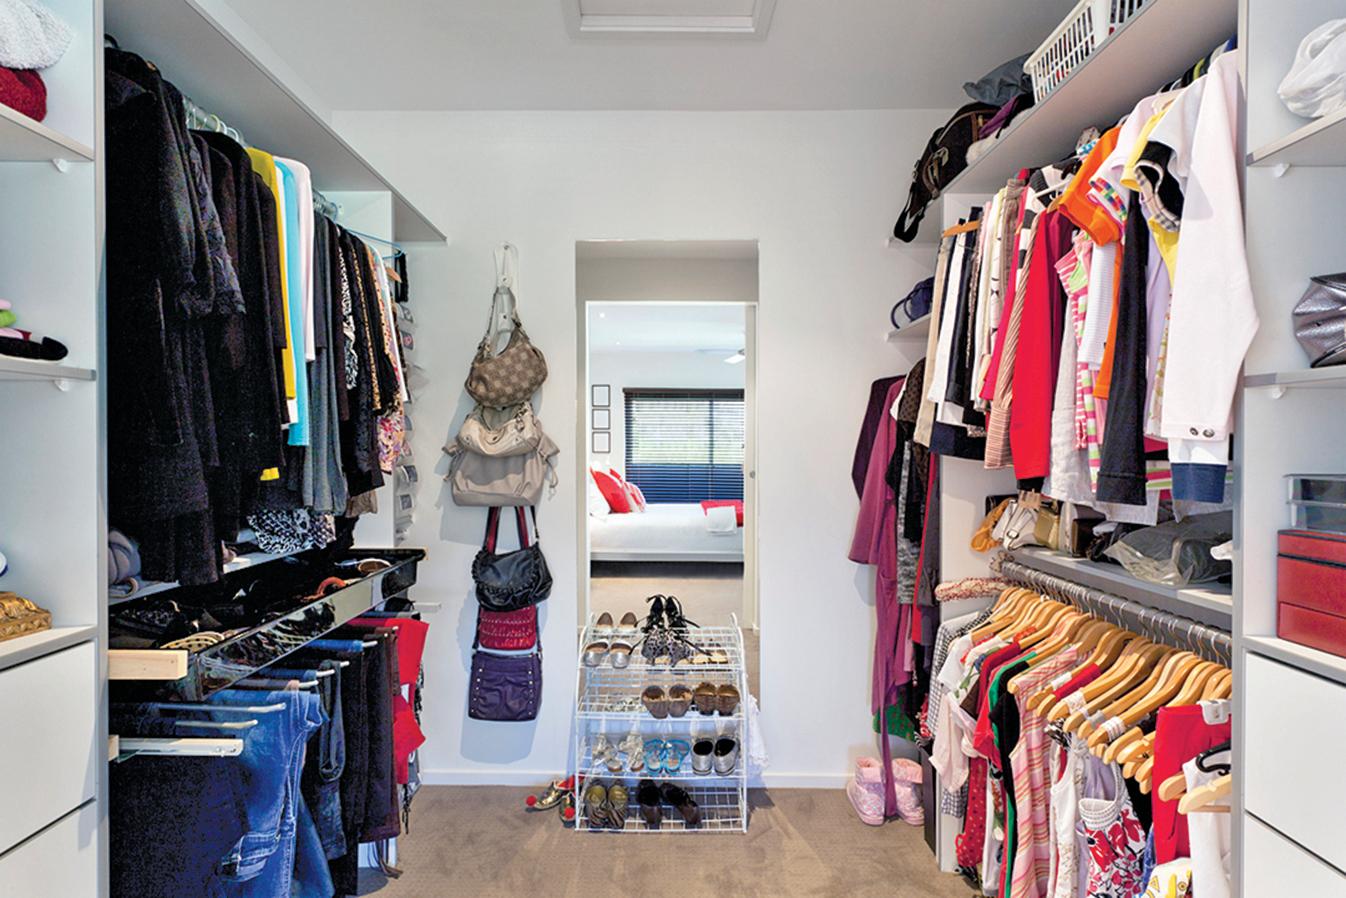 定期清出用不到的物品,自己的家也會更舒適。